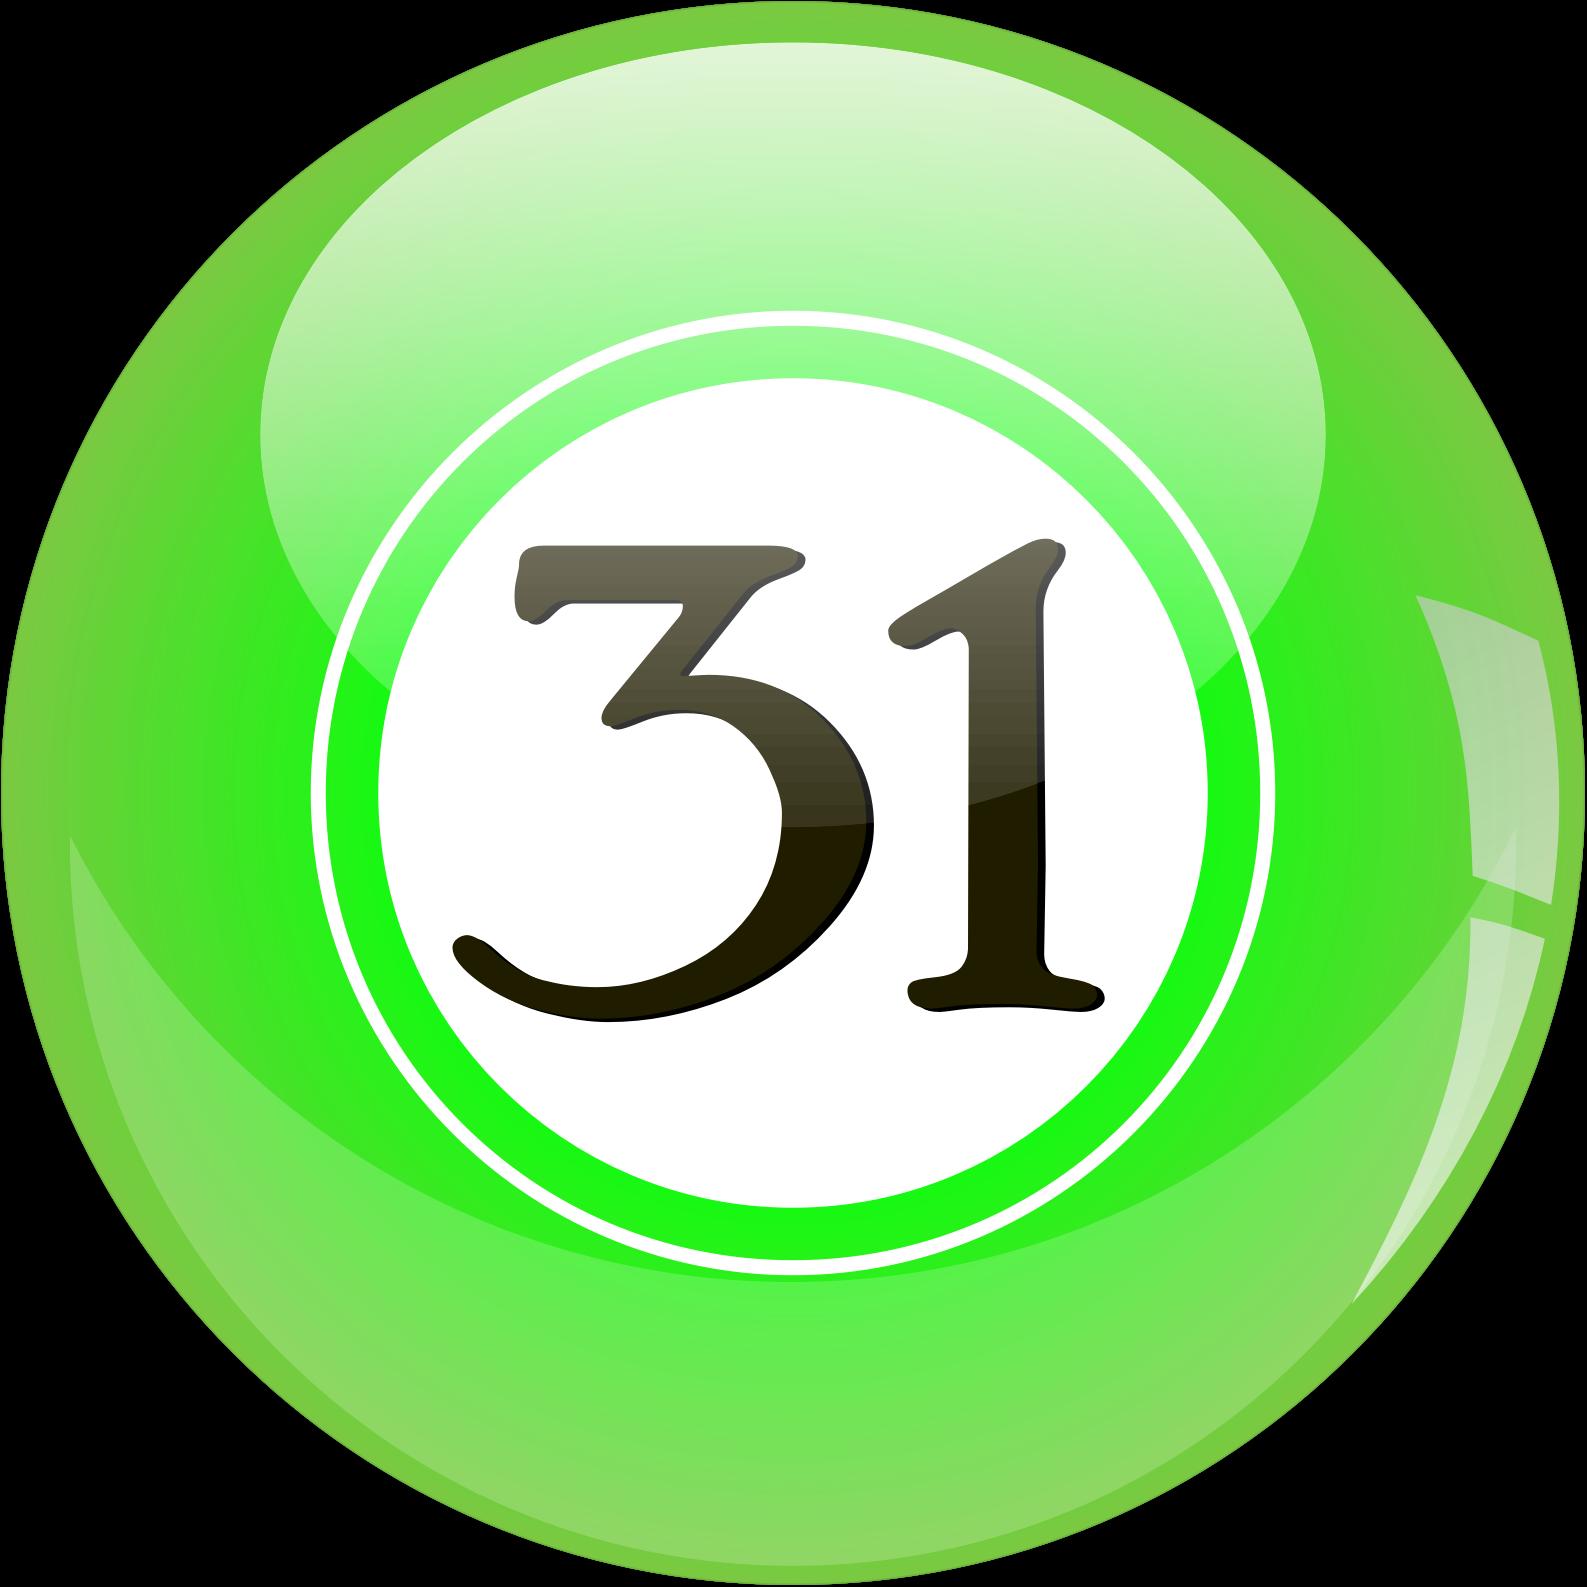 Clipart 31 Lotto Ball